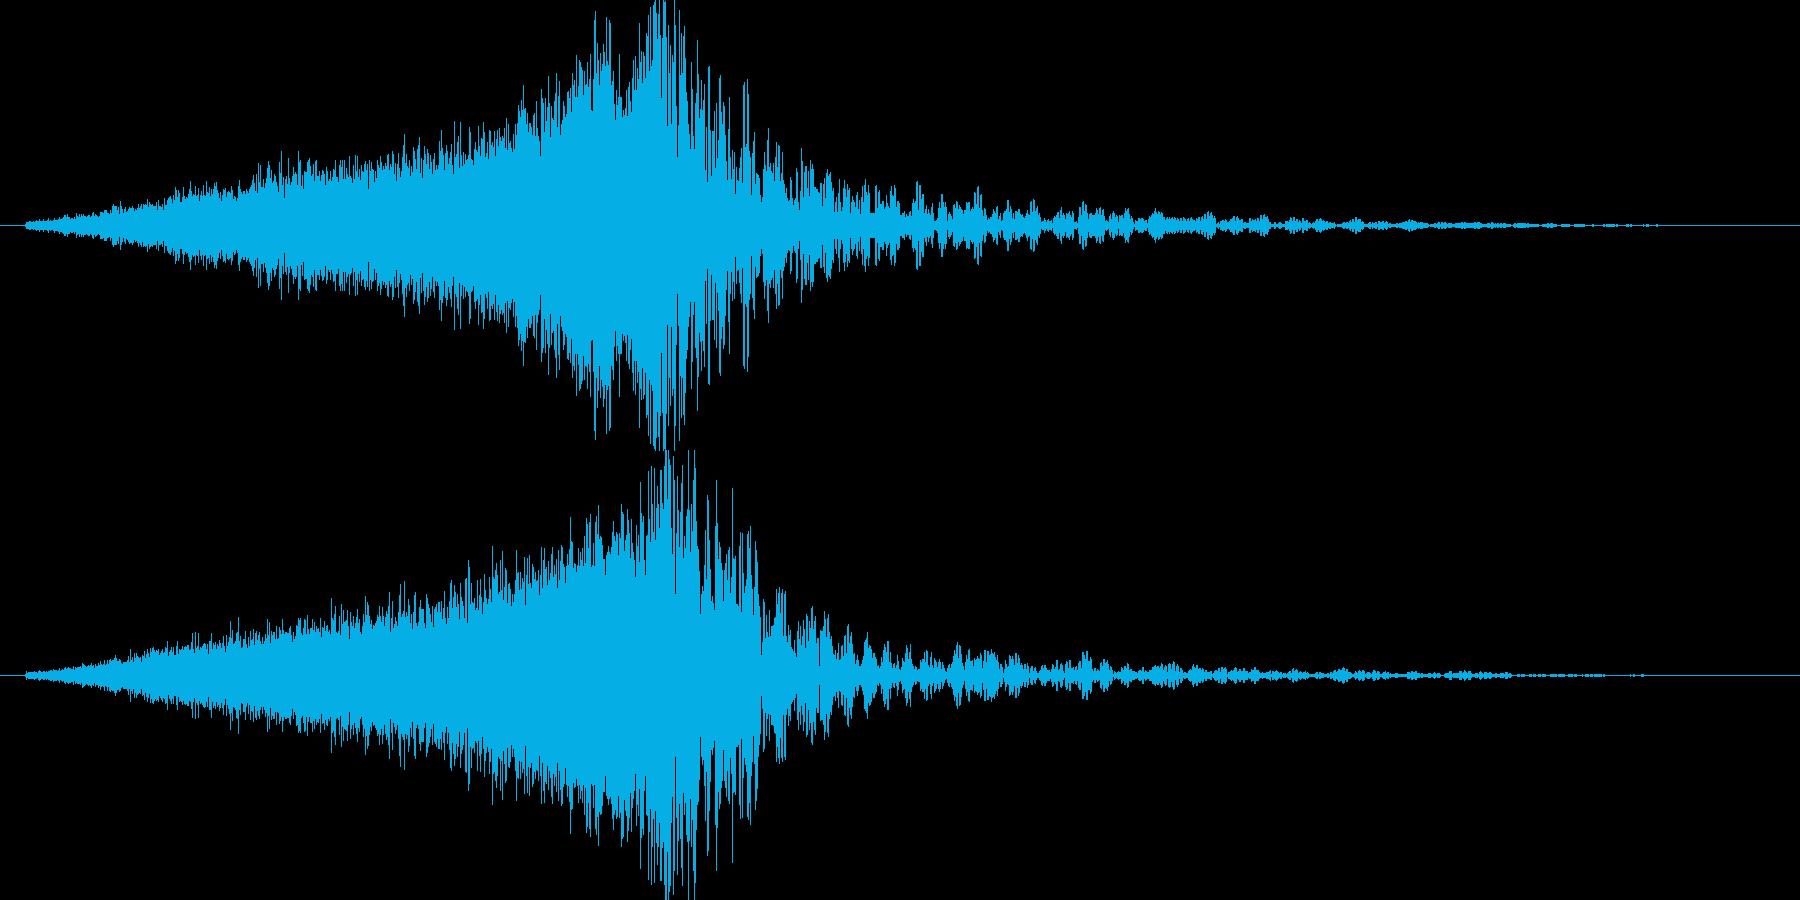 キーンドーン(金属的な音の後に爆発)の再生済みの波形